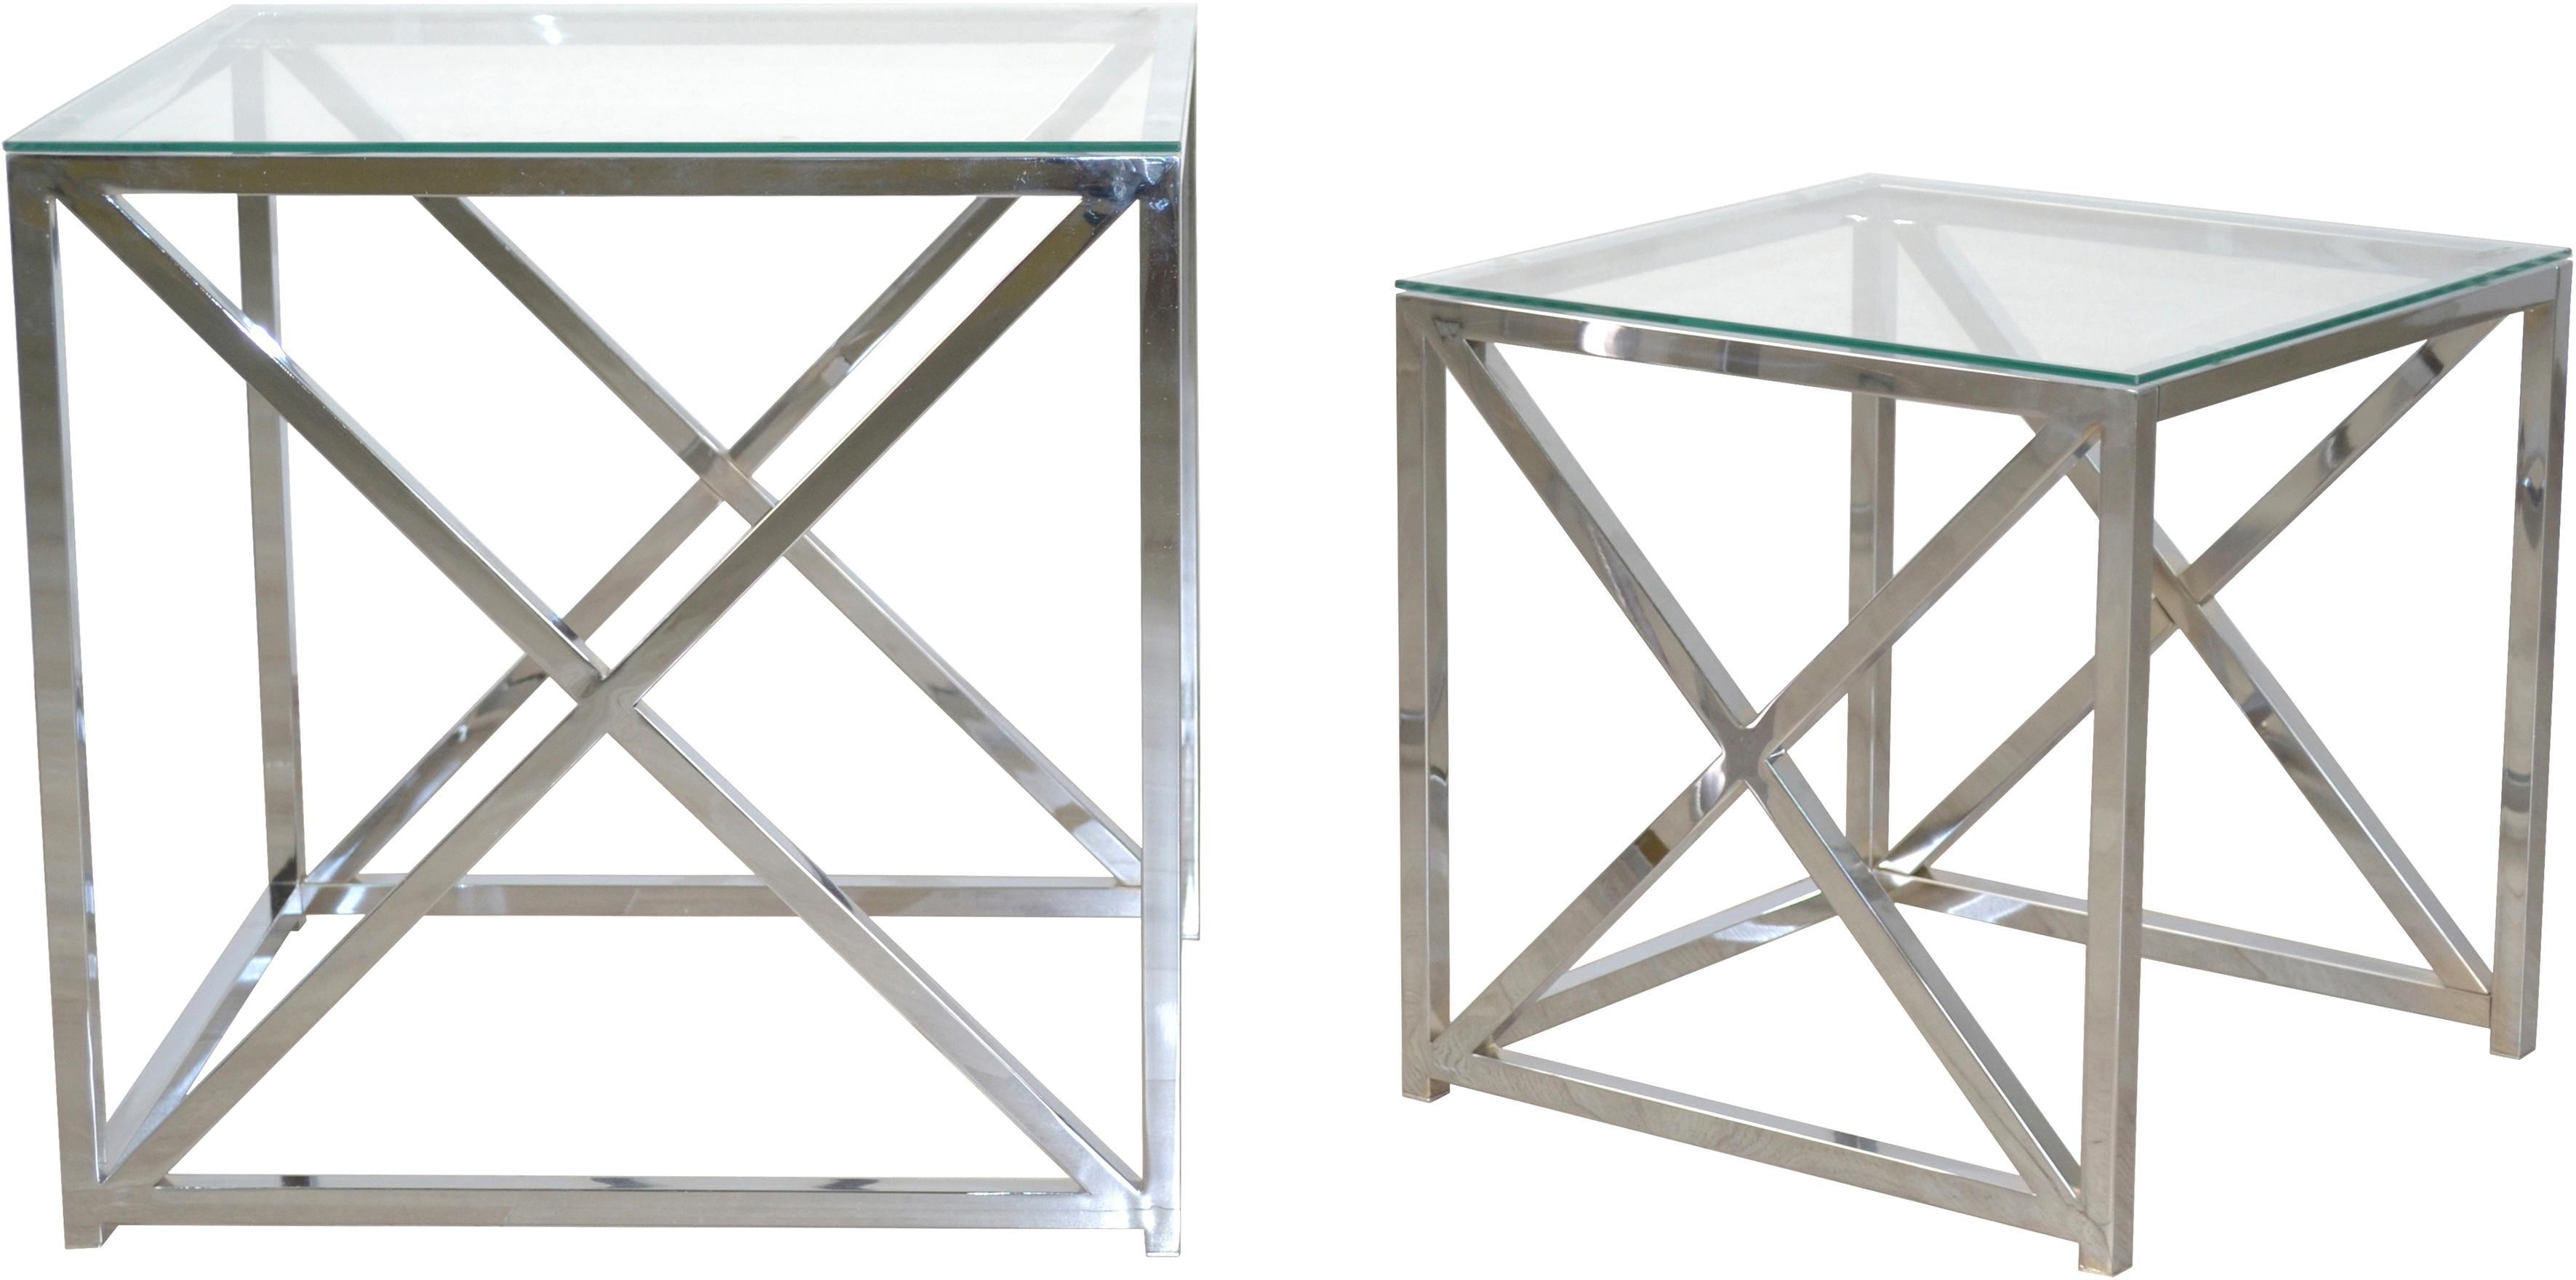 Home affaire Beistelltisch, (2 St.) silberfarben Beistelltische Tische Beistelltisch